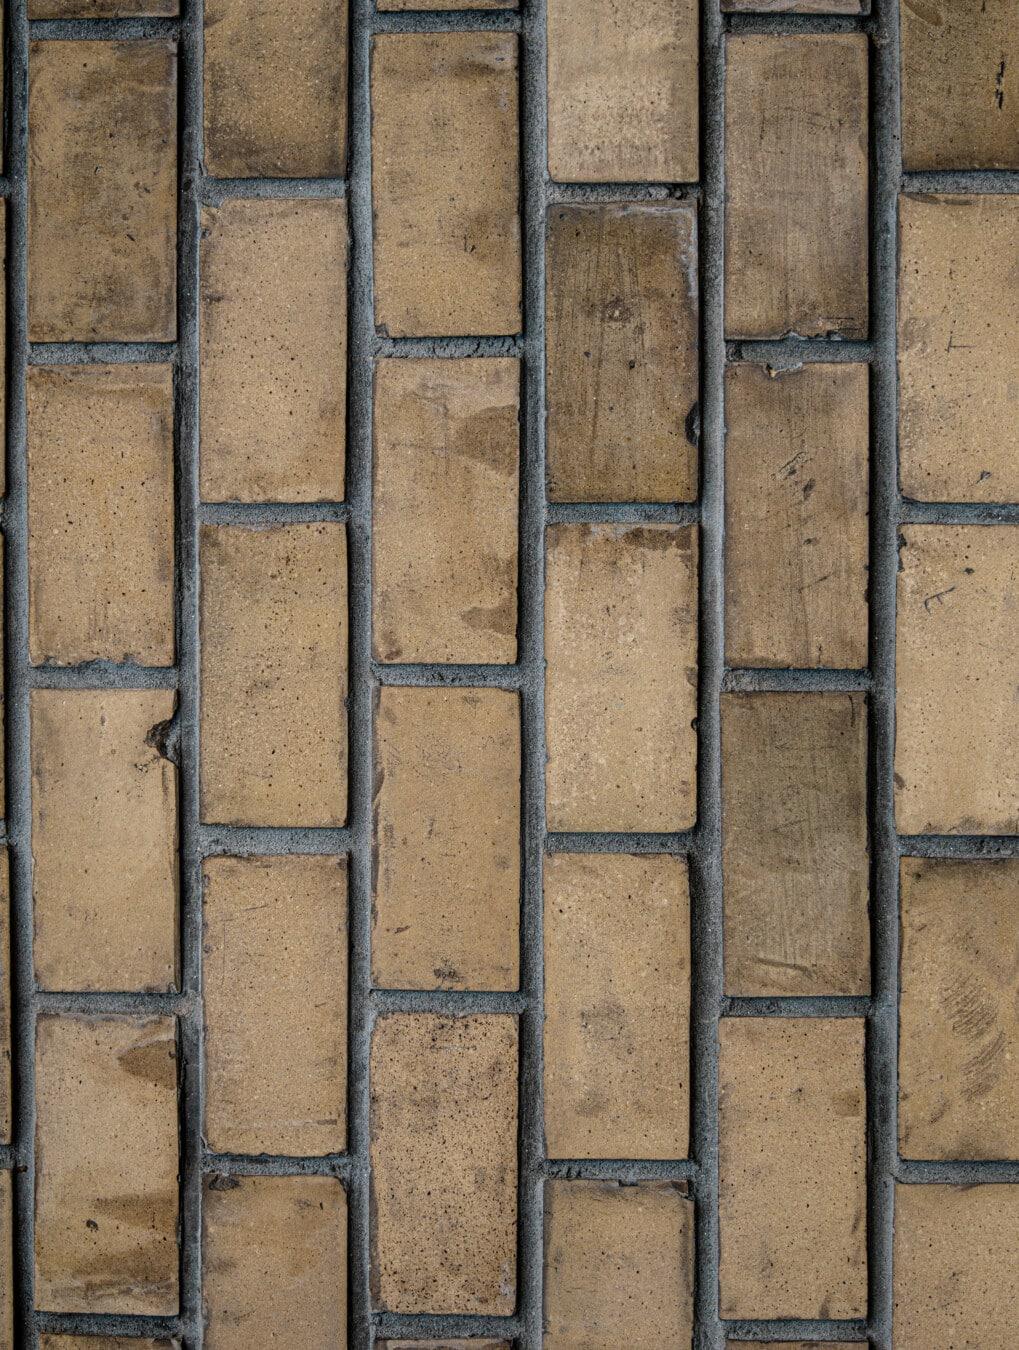 vertikale, Ziegel, Mauerwerk, Mörtel, Muster, hellbraun, gewöhnliche, Textur, Würfel, dreckig